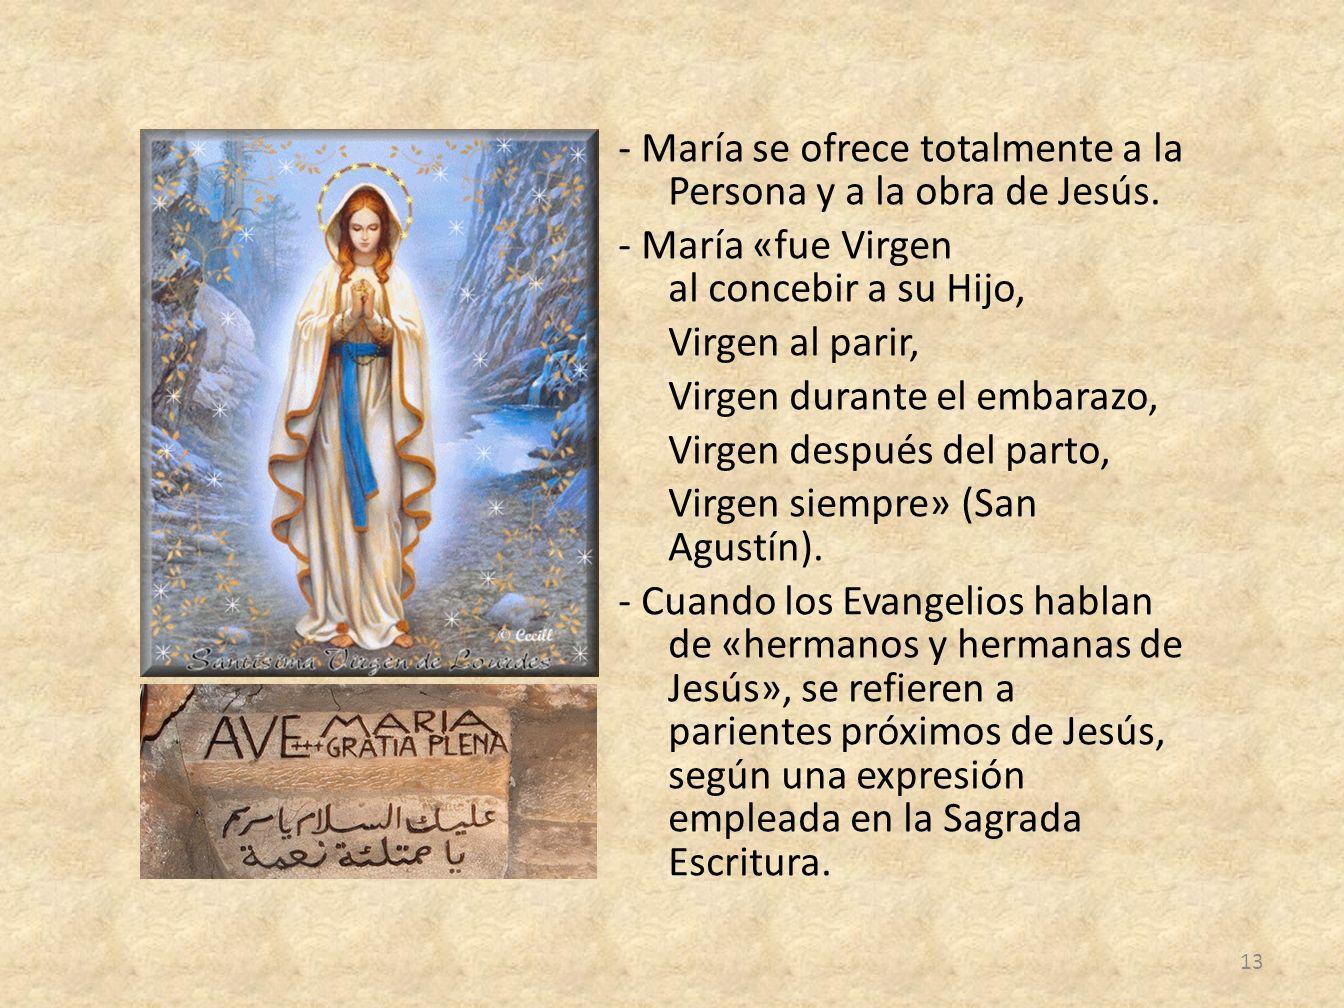 - María se ofrece totalmente a la Persona y a la obra de Jesús. - María «fue Virgen al concebir a su Hijo, Virgen al parir, Virgen durante el embarazo